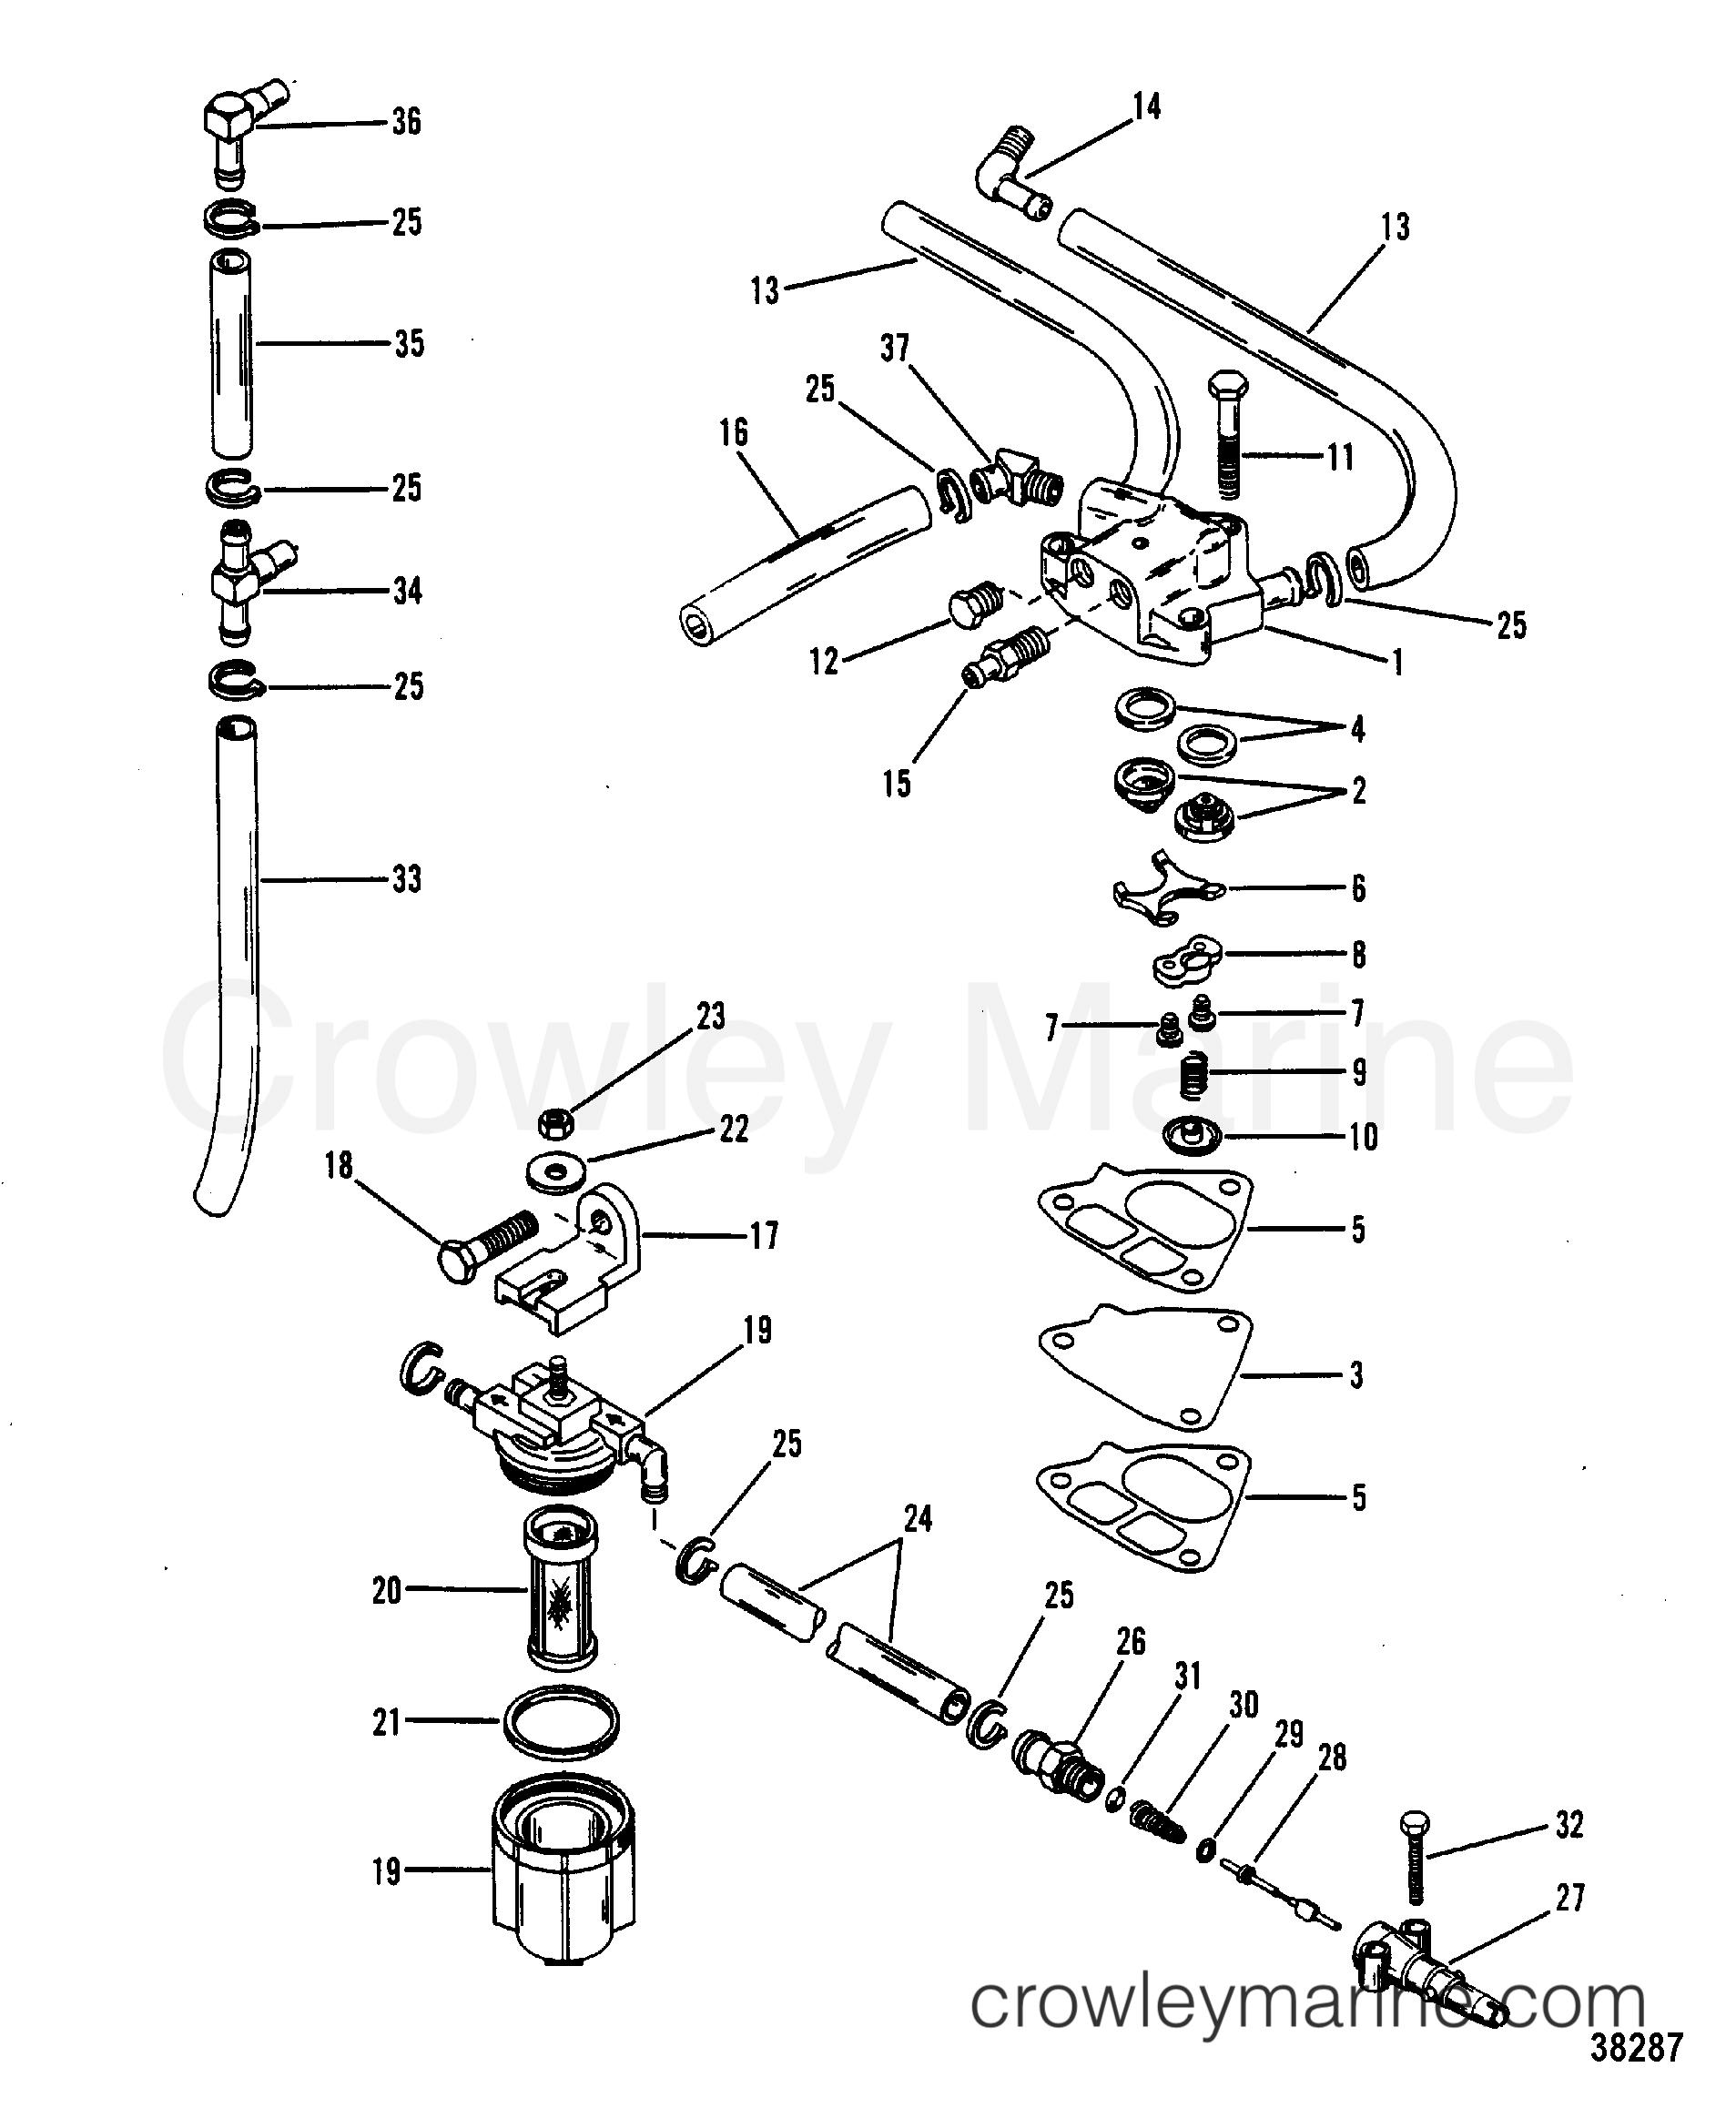 fuel pump  fuel filter and fuel lines